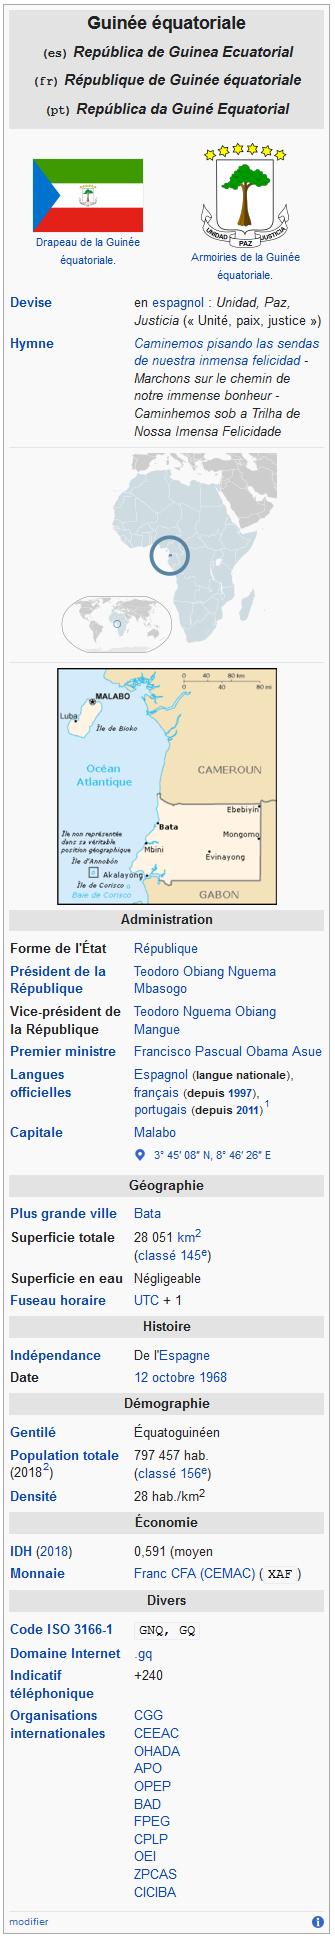 Screenshot_2020-05-05 Guinée équatoriale